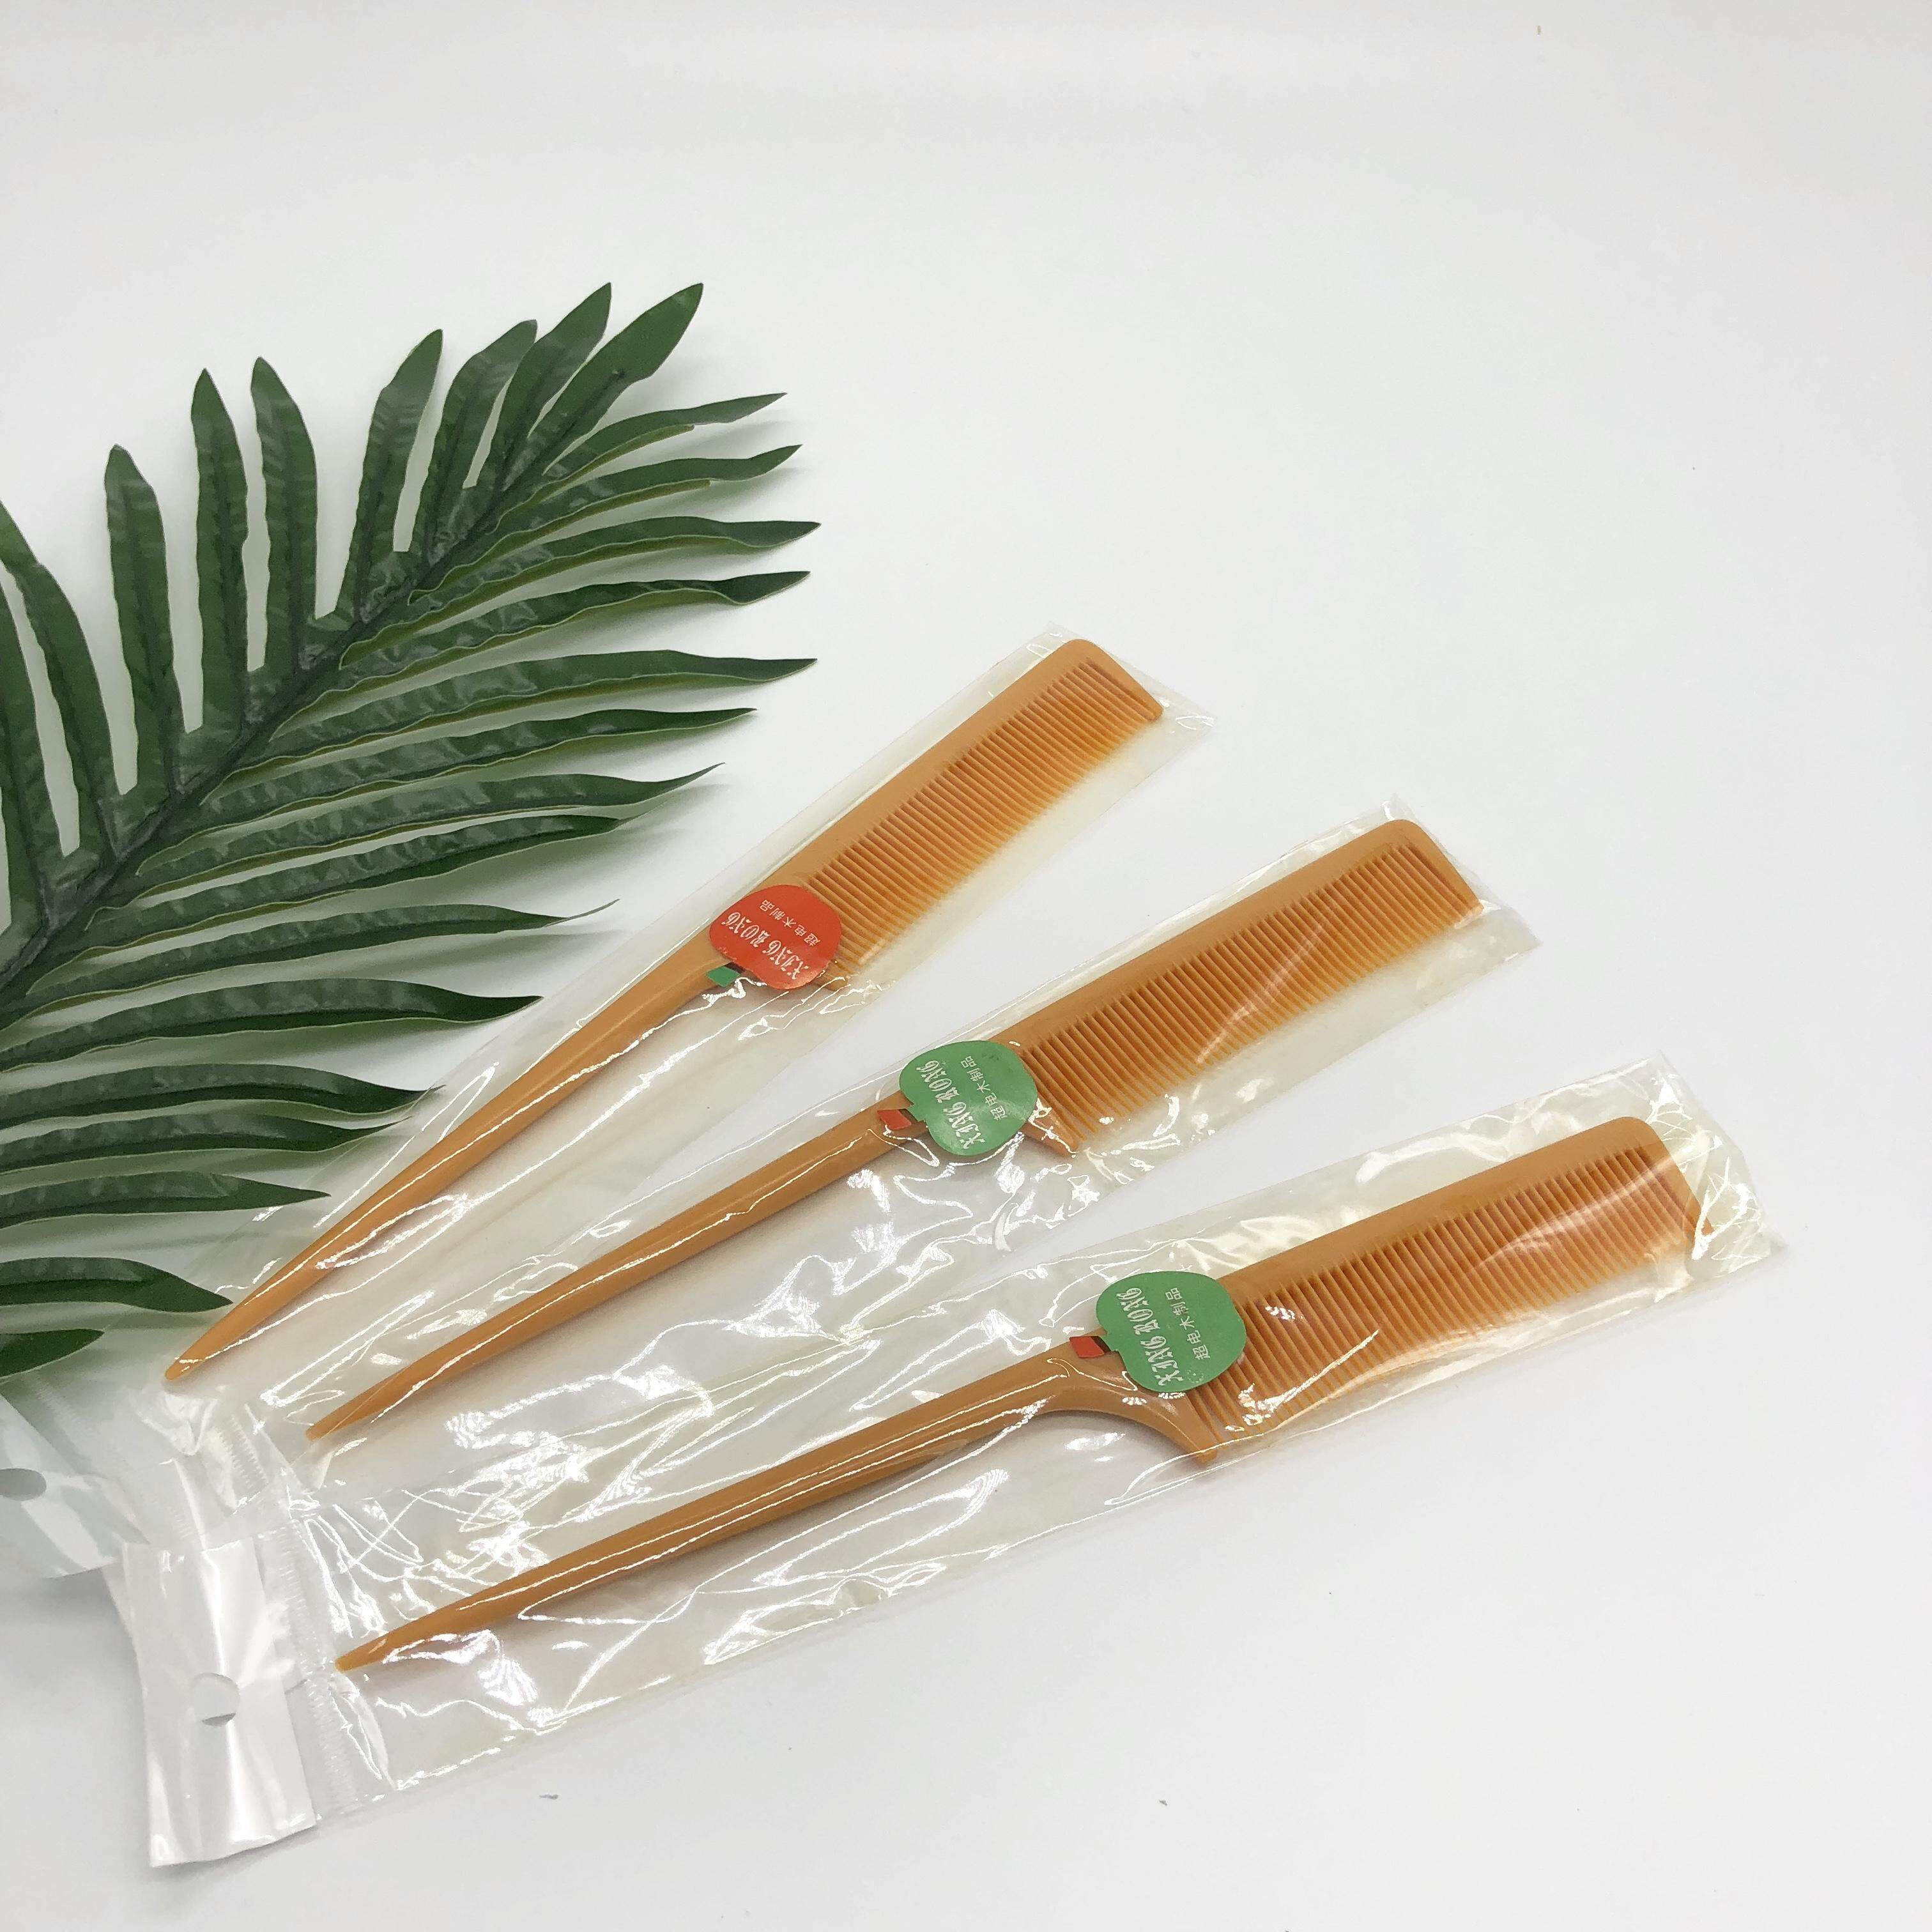 หวีหางกษัตริย์ Apple Kings Tip Comb High Temperature Anti-Static Plastic Comb Hair Stylist For Hairdressing Tools.